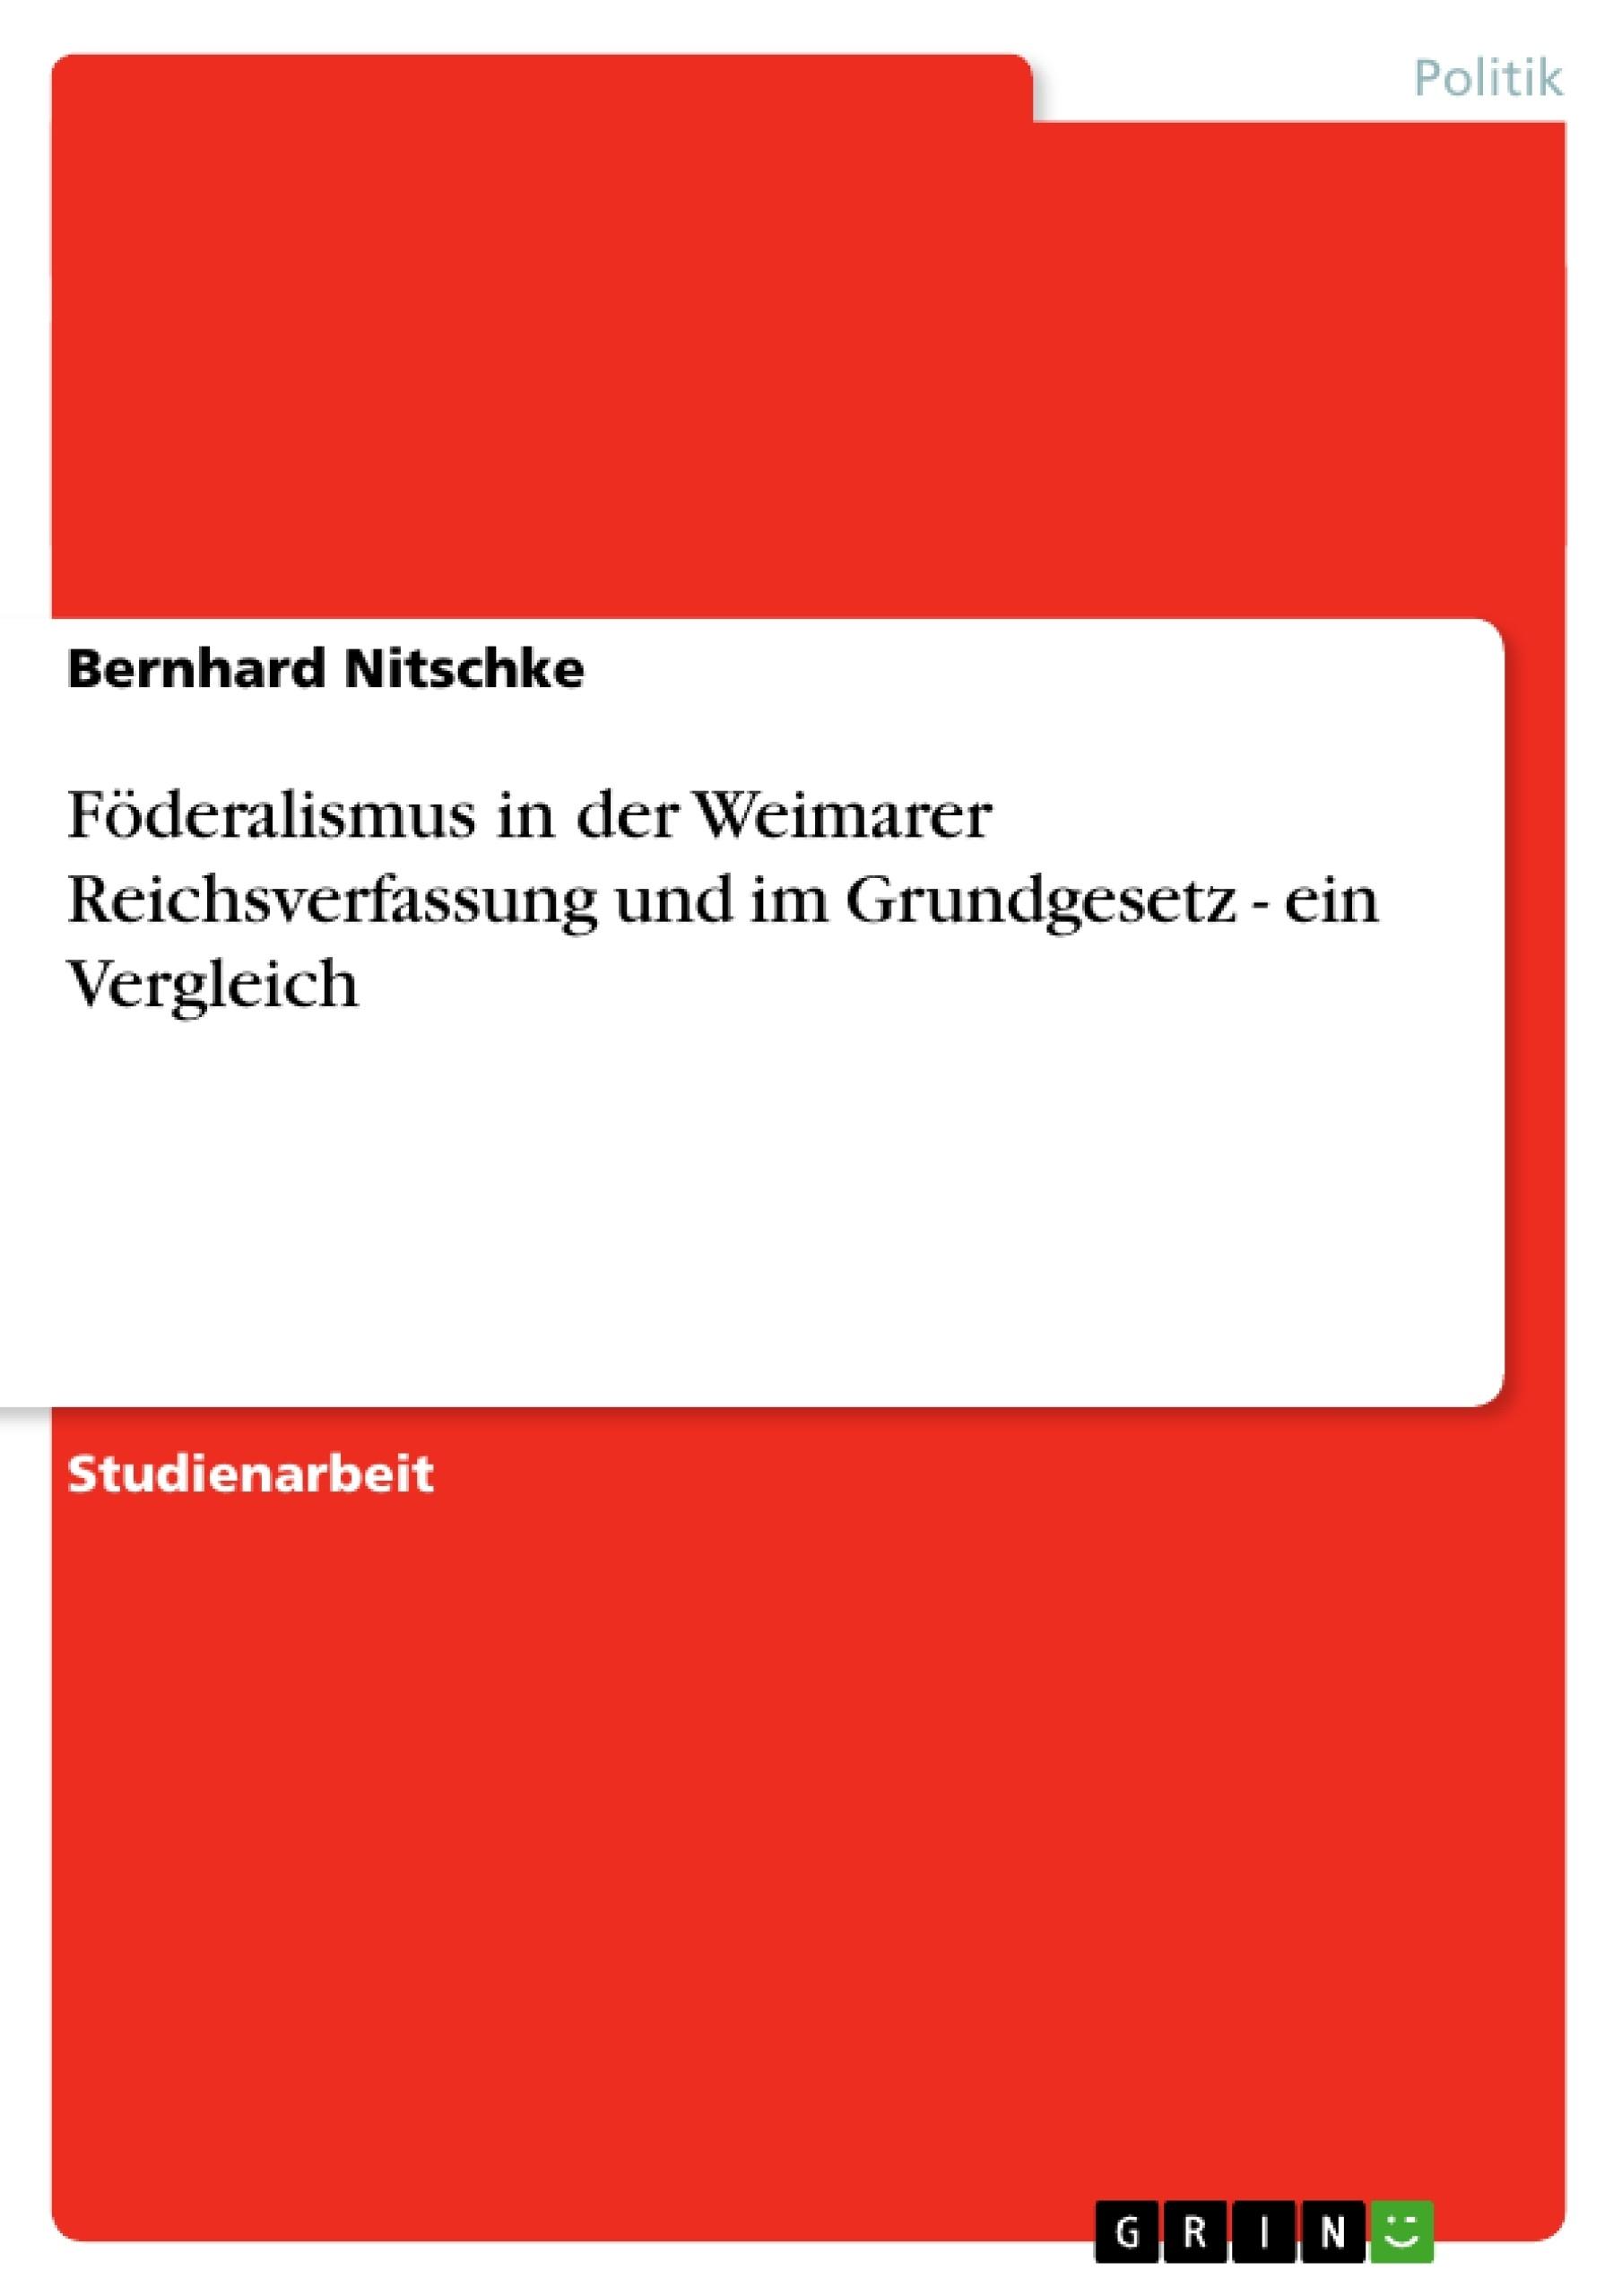 Titel: Föderalismus in der Weimarer Reichsverfassung und im Grundgesetz - ein Vergleich